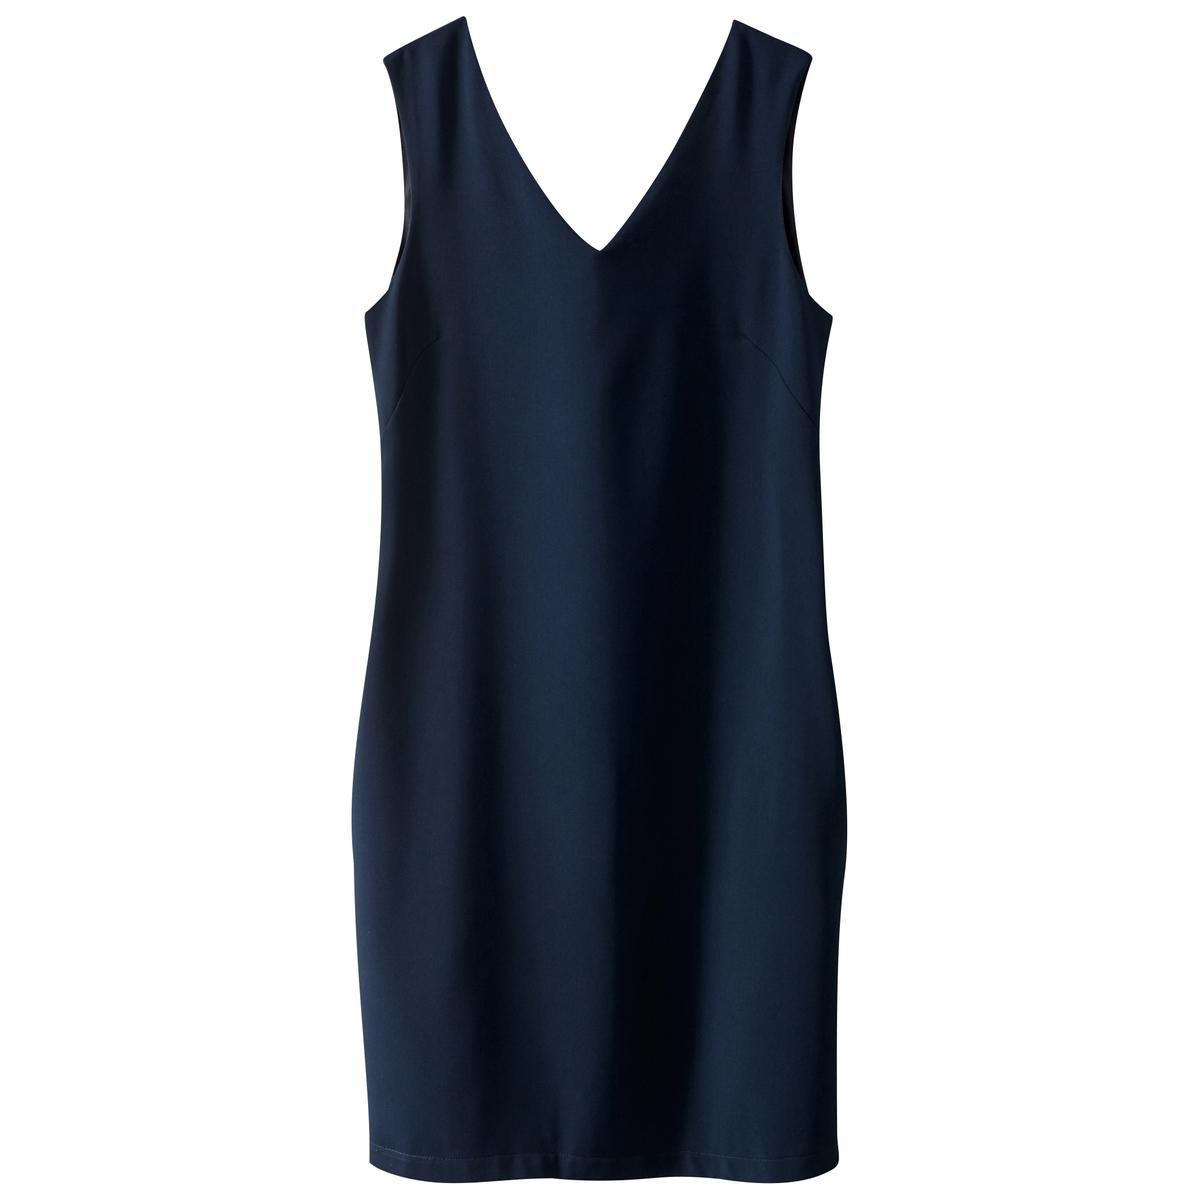 Платье без рукавов с V-образным вырезомМатериал : 100% полиэстер   Длина рукава : короткие рукава   Форма воротника : Круглый вырез  Покрой платья : платье прямого покроя       Рисунок : однотонная модель    Длина платья : короткая<br><br>Цвет: синий морской